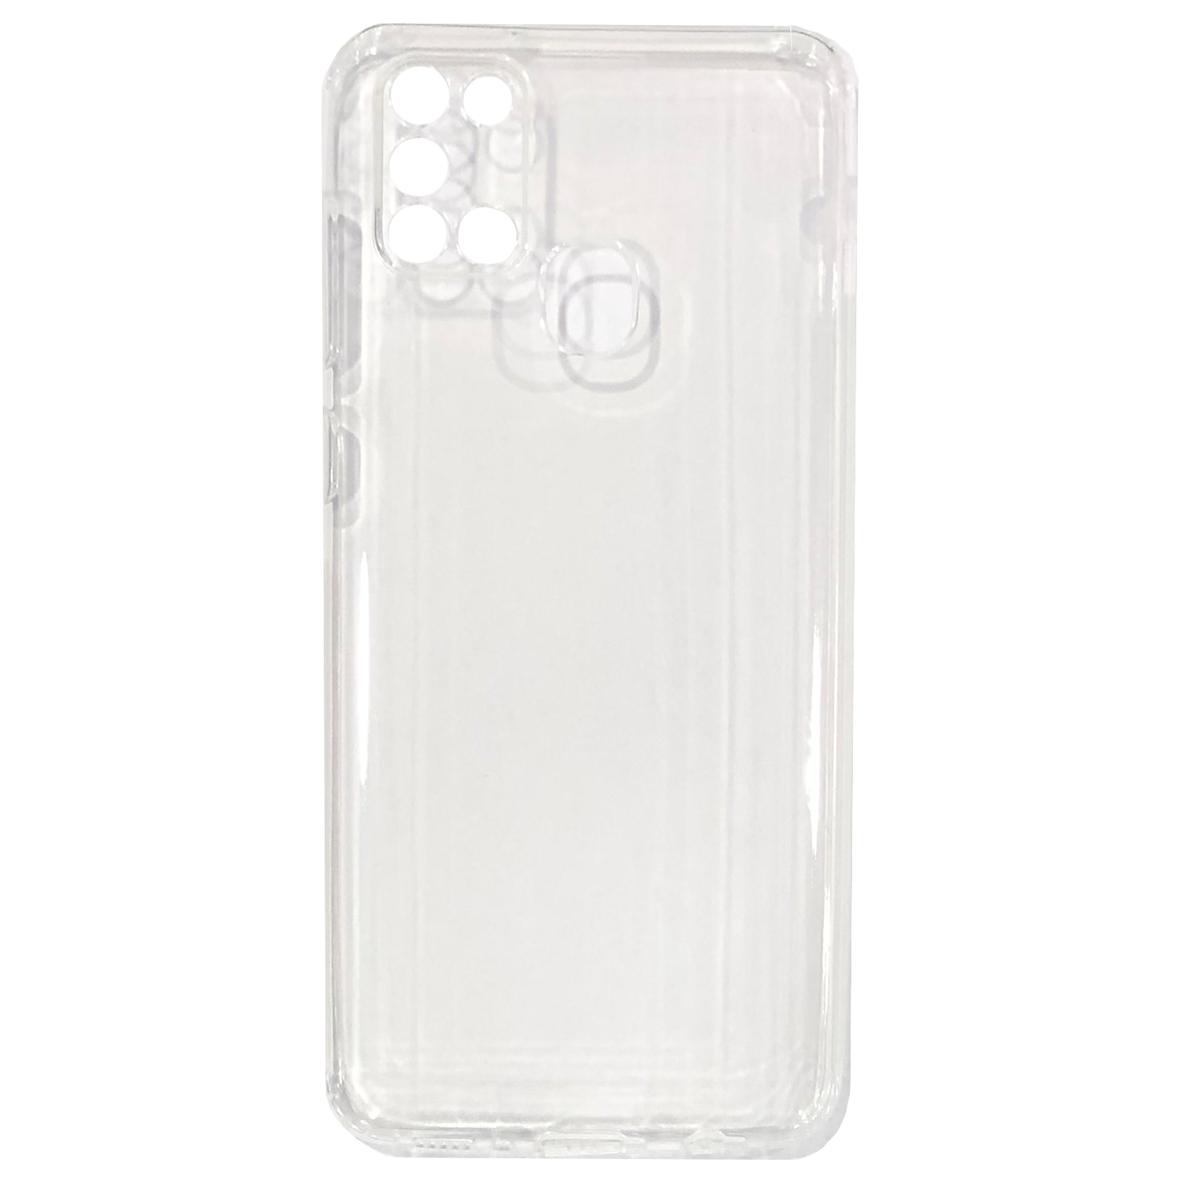 کاور مدل ICS-001 مناسب برای گوشی موبایل سامسونگ Galaxy A21s